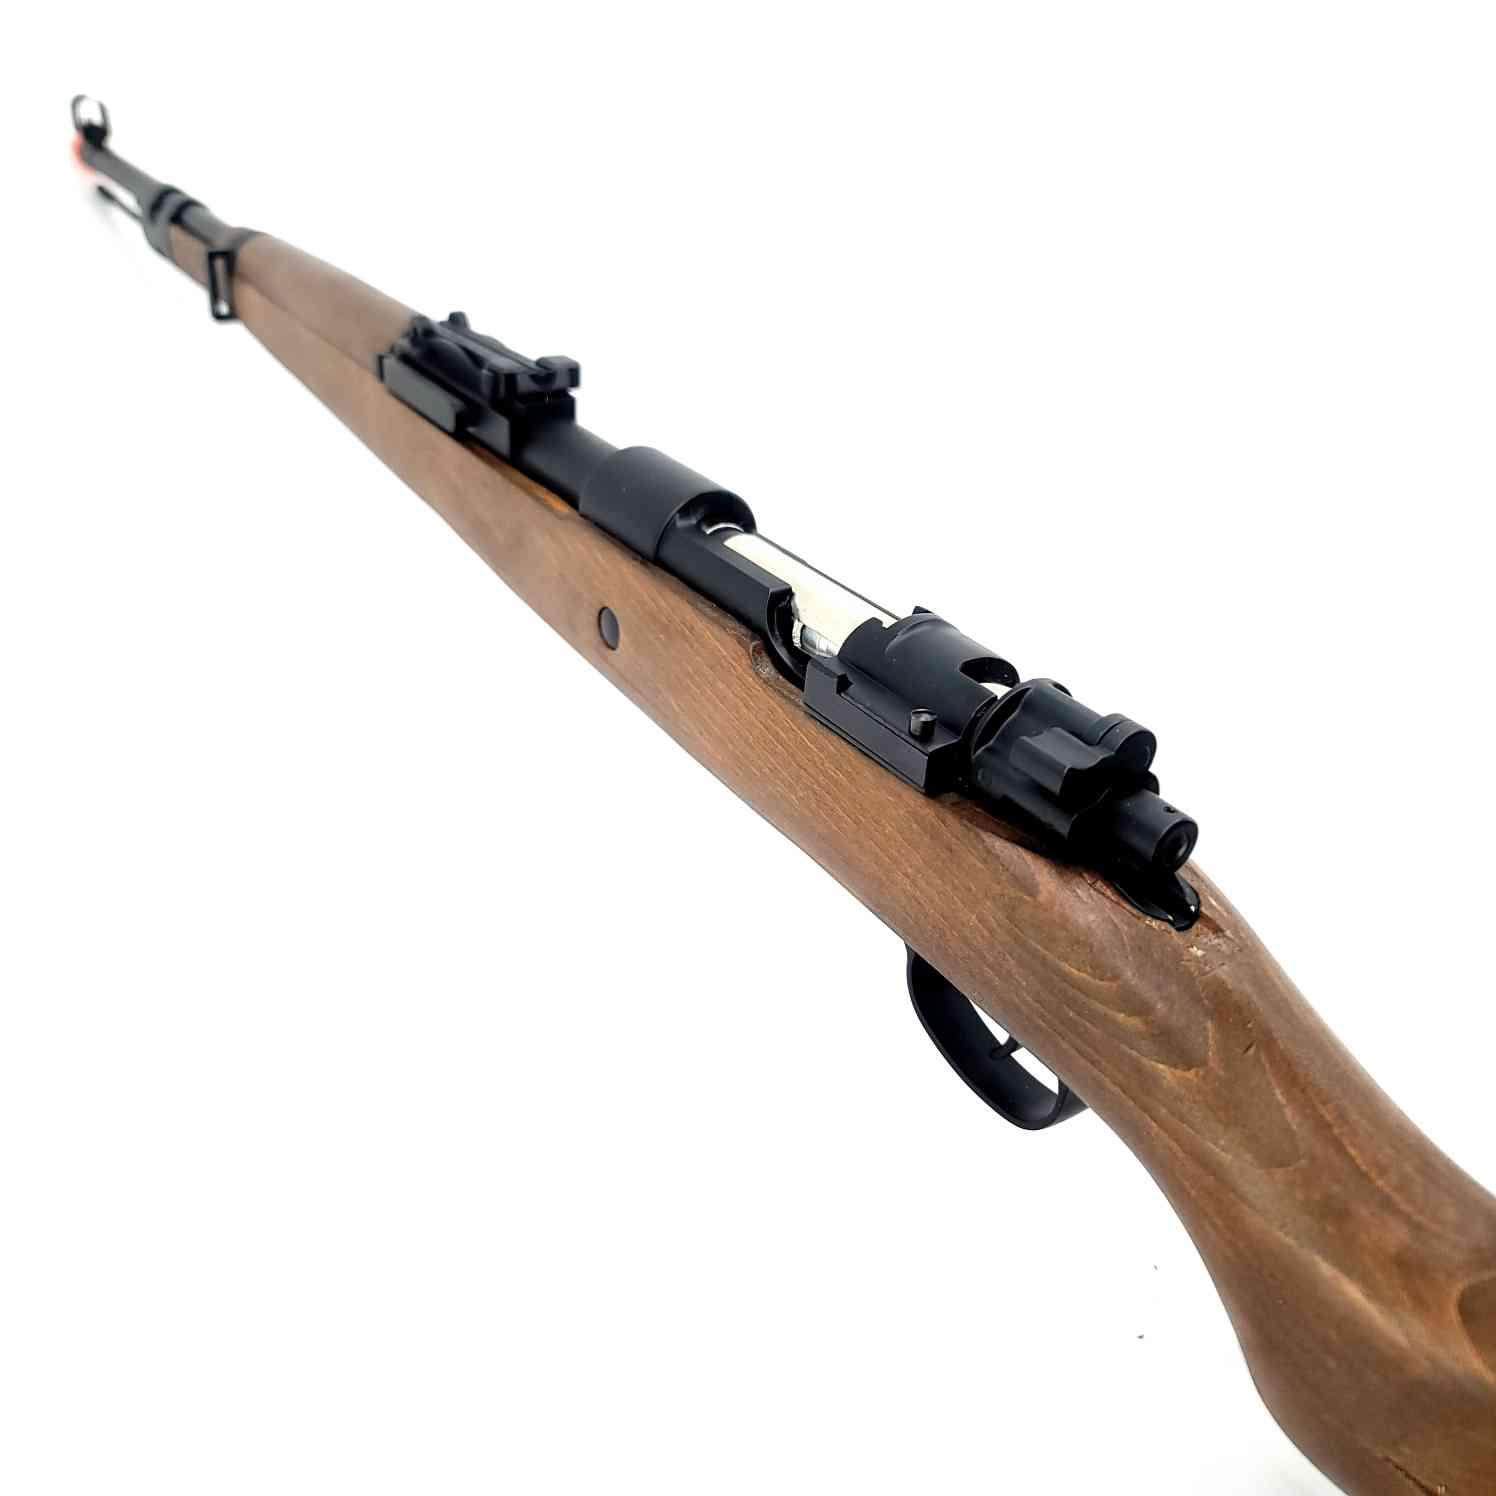 DOUBLE BELL Kar98K Gas Powered Gel Blaster Sniper (Real Wood) Renegade Blasters